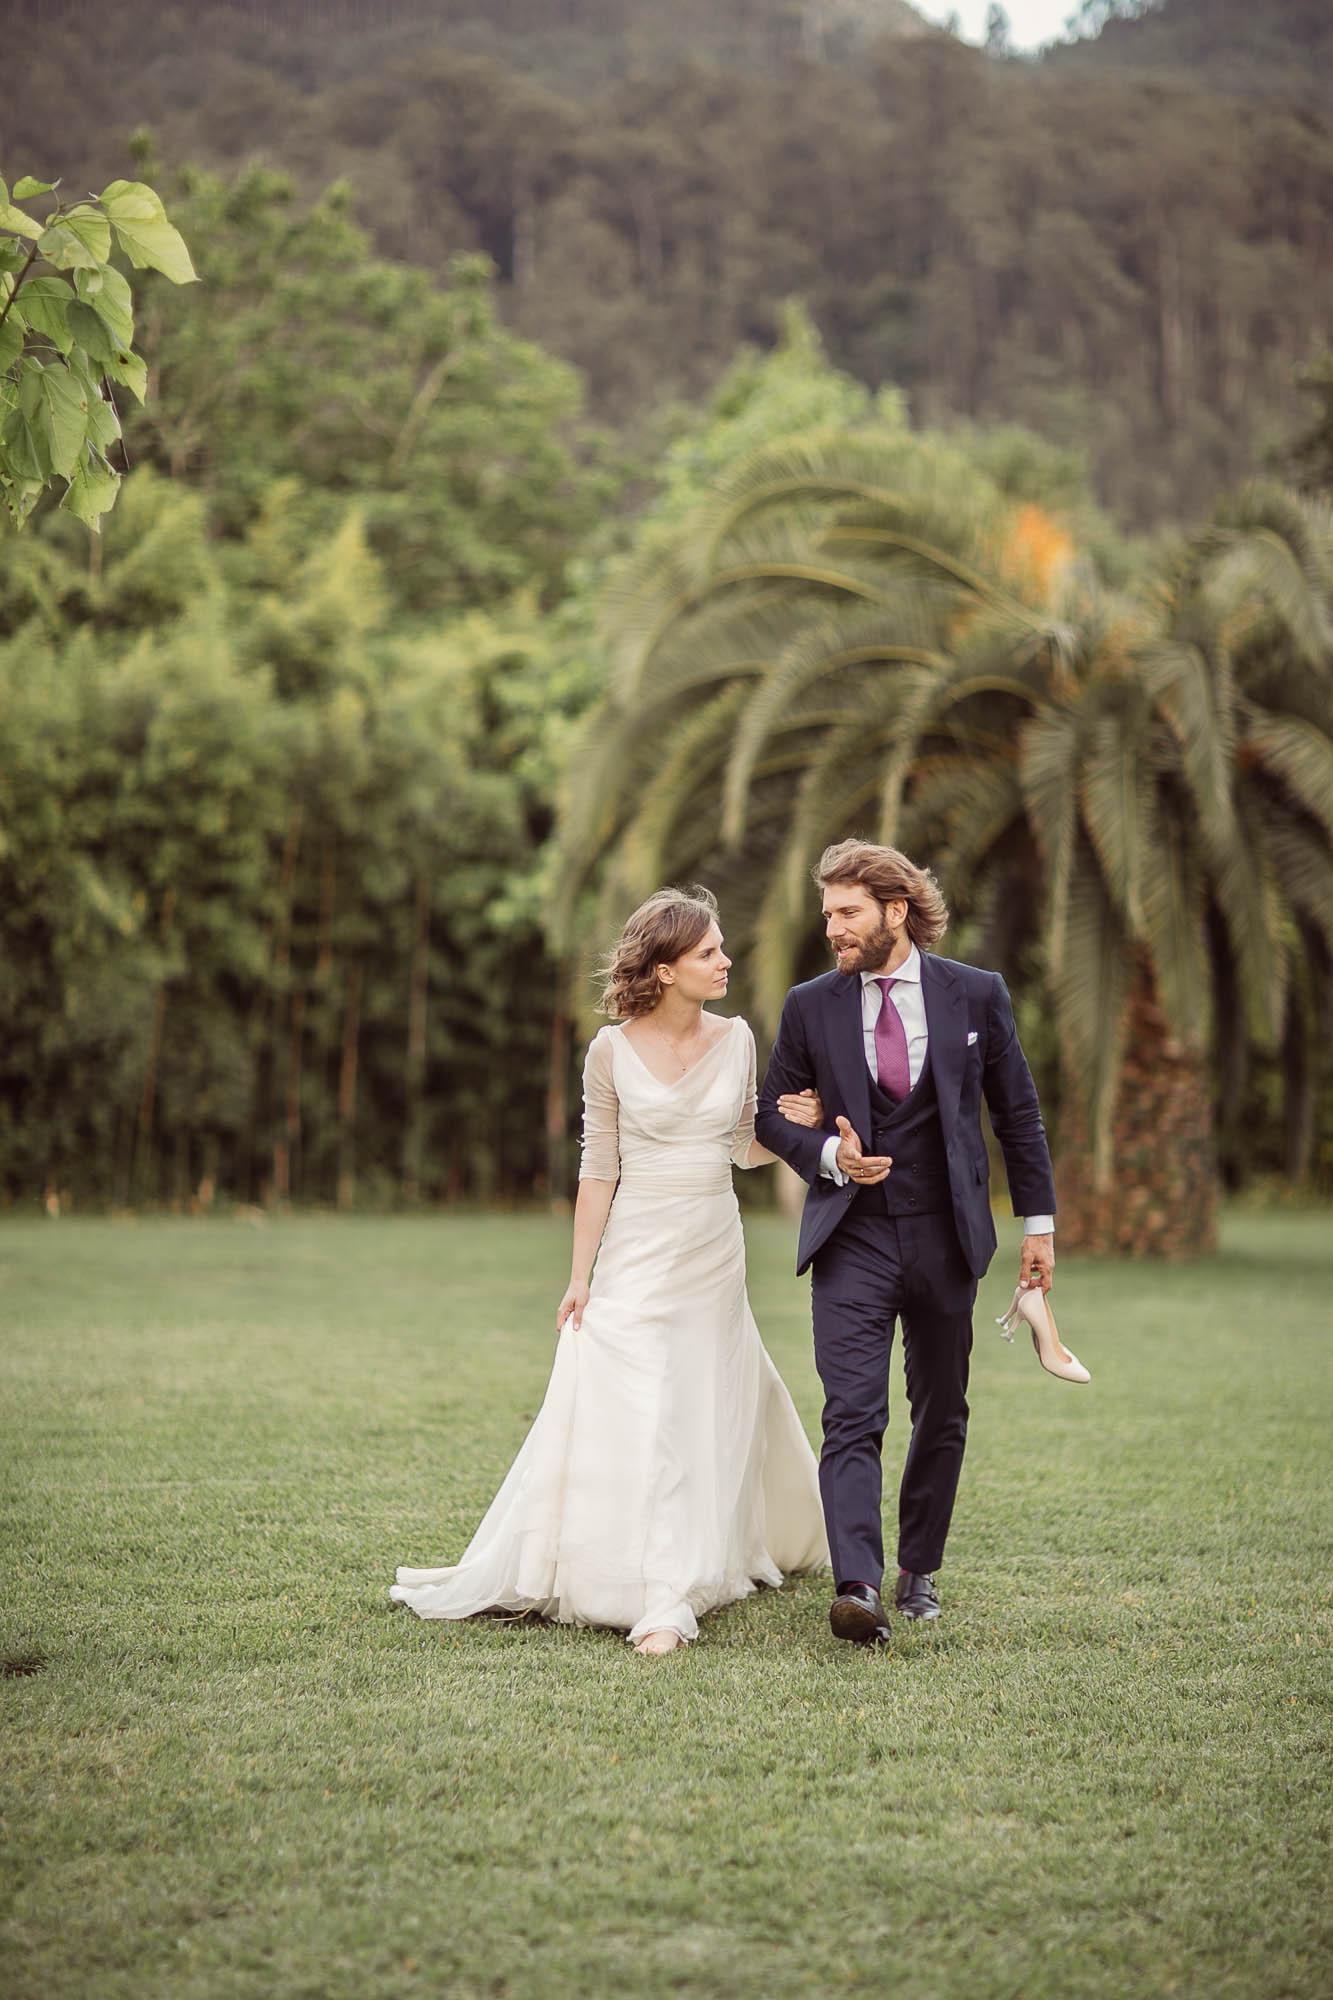 Marido y mujer caminando de vuelta al banquete mientras el marido sujeta los tacones de su mujer